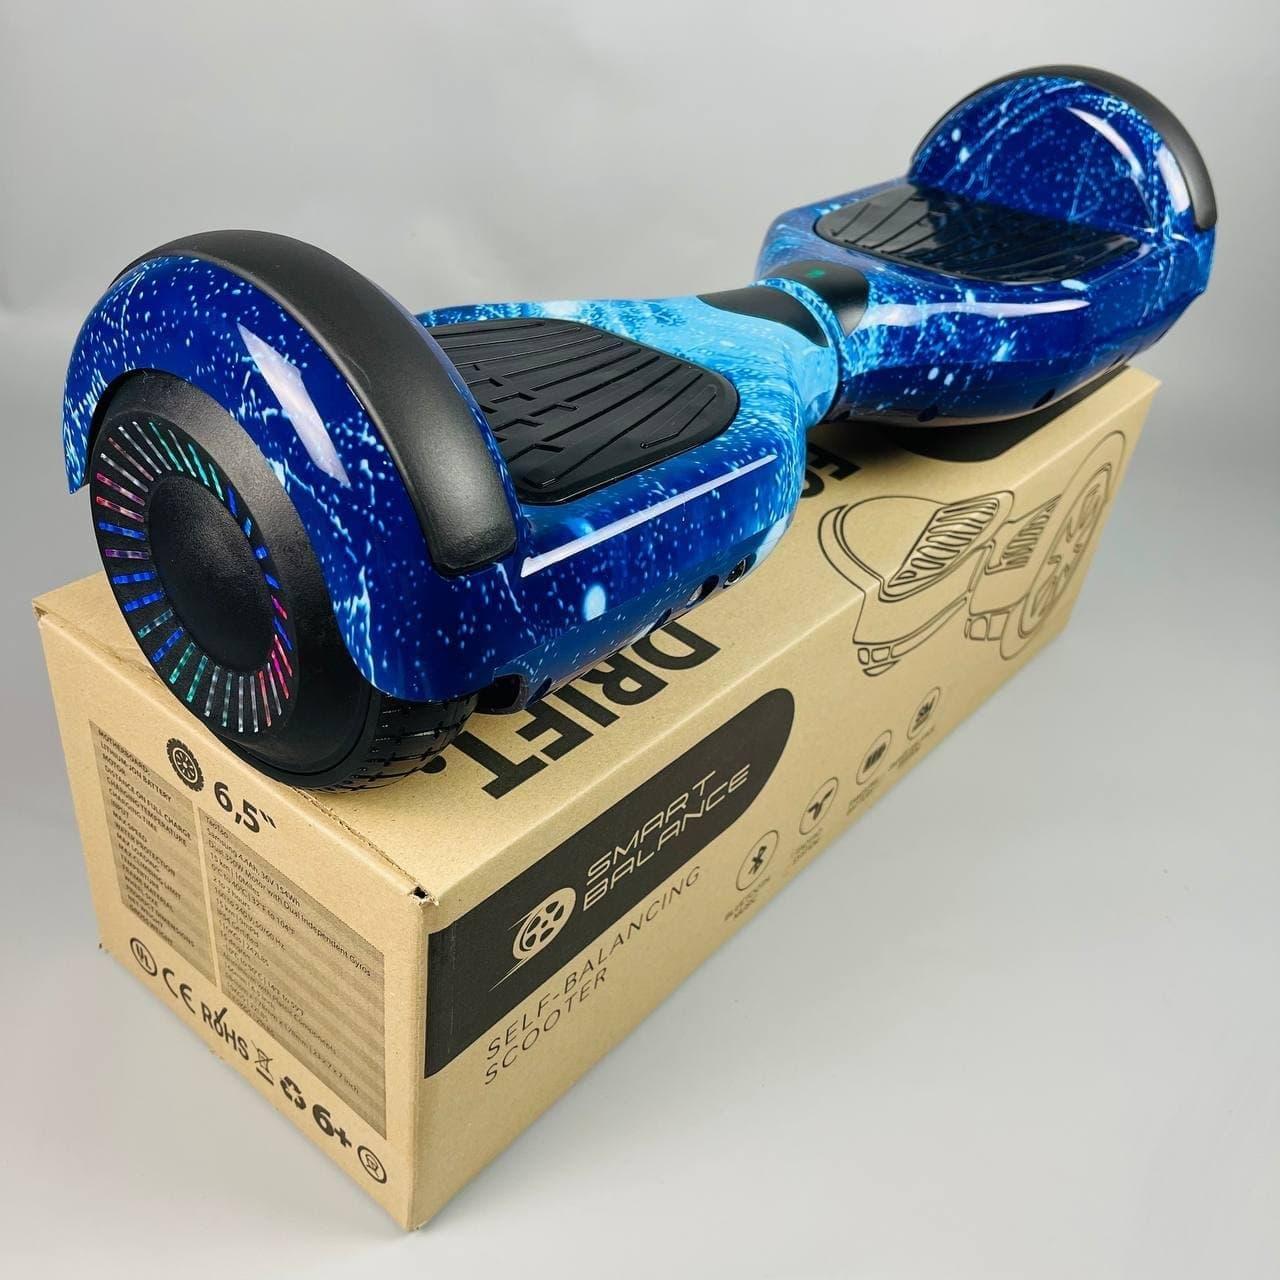 Гироскутер Smart Balance Wheel Pro 6.5 Синий космос с самобалансом   Гироборд Смарт Баланс с подсветкой